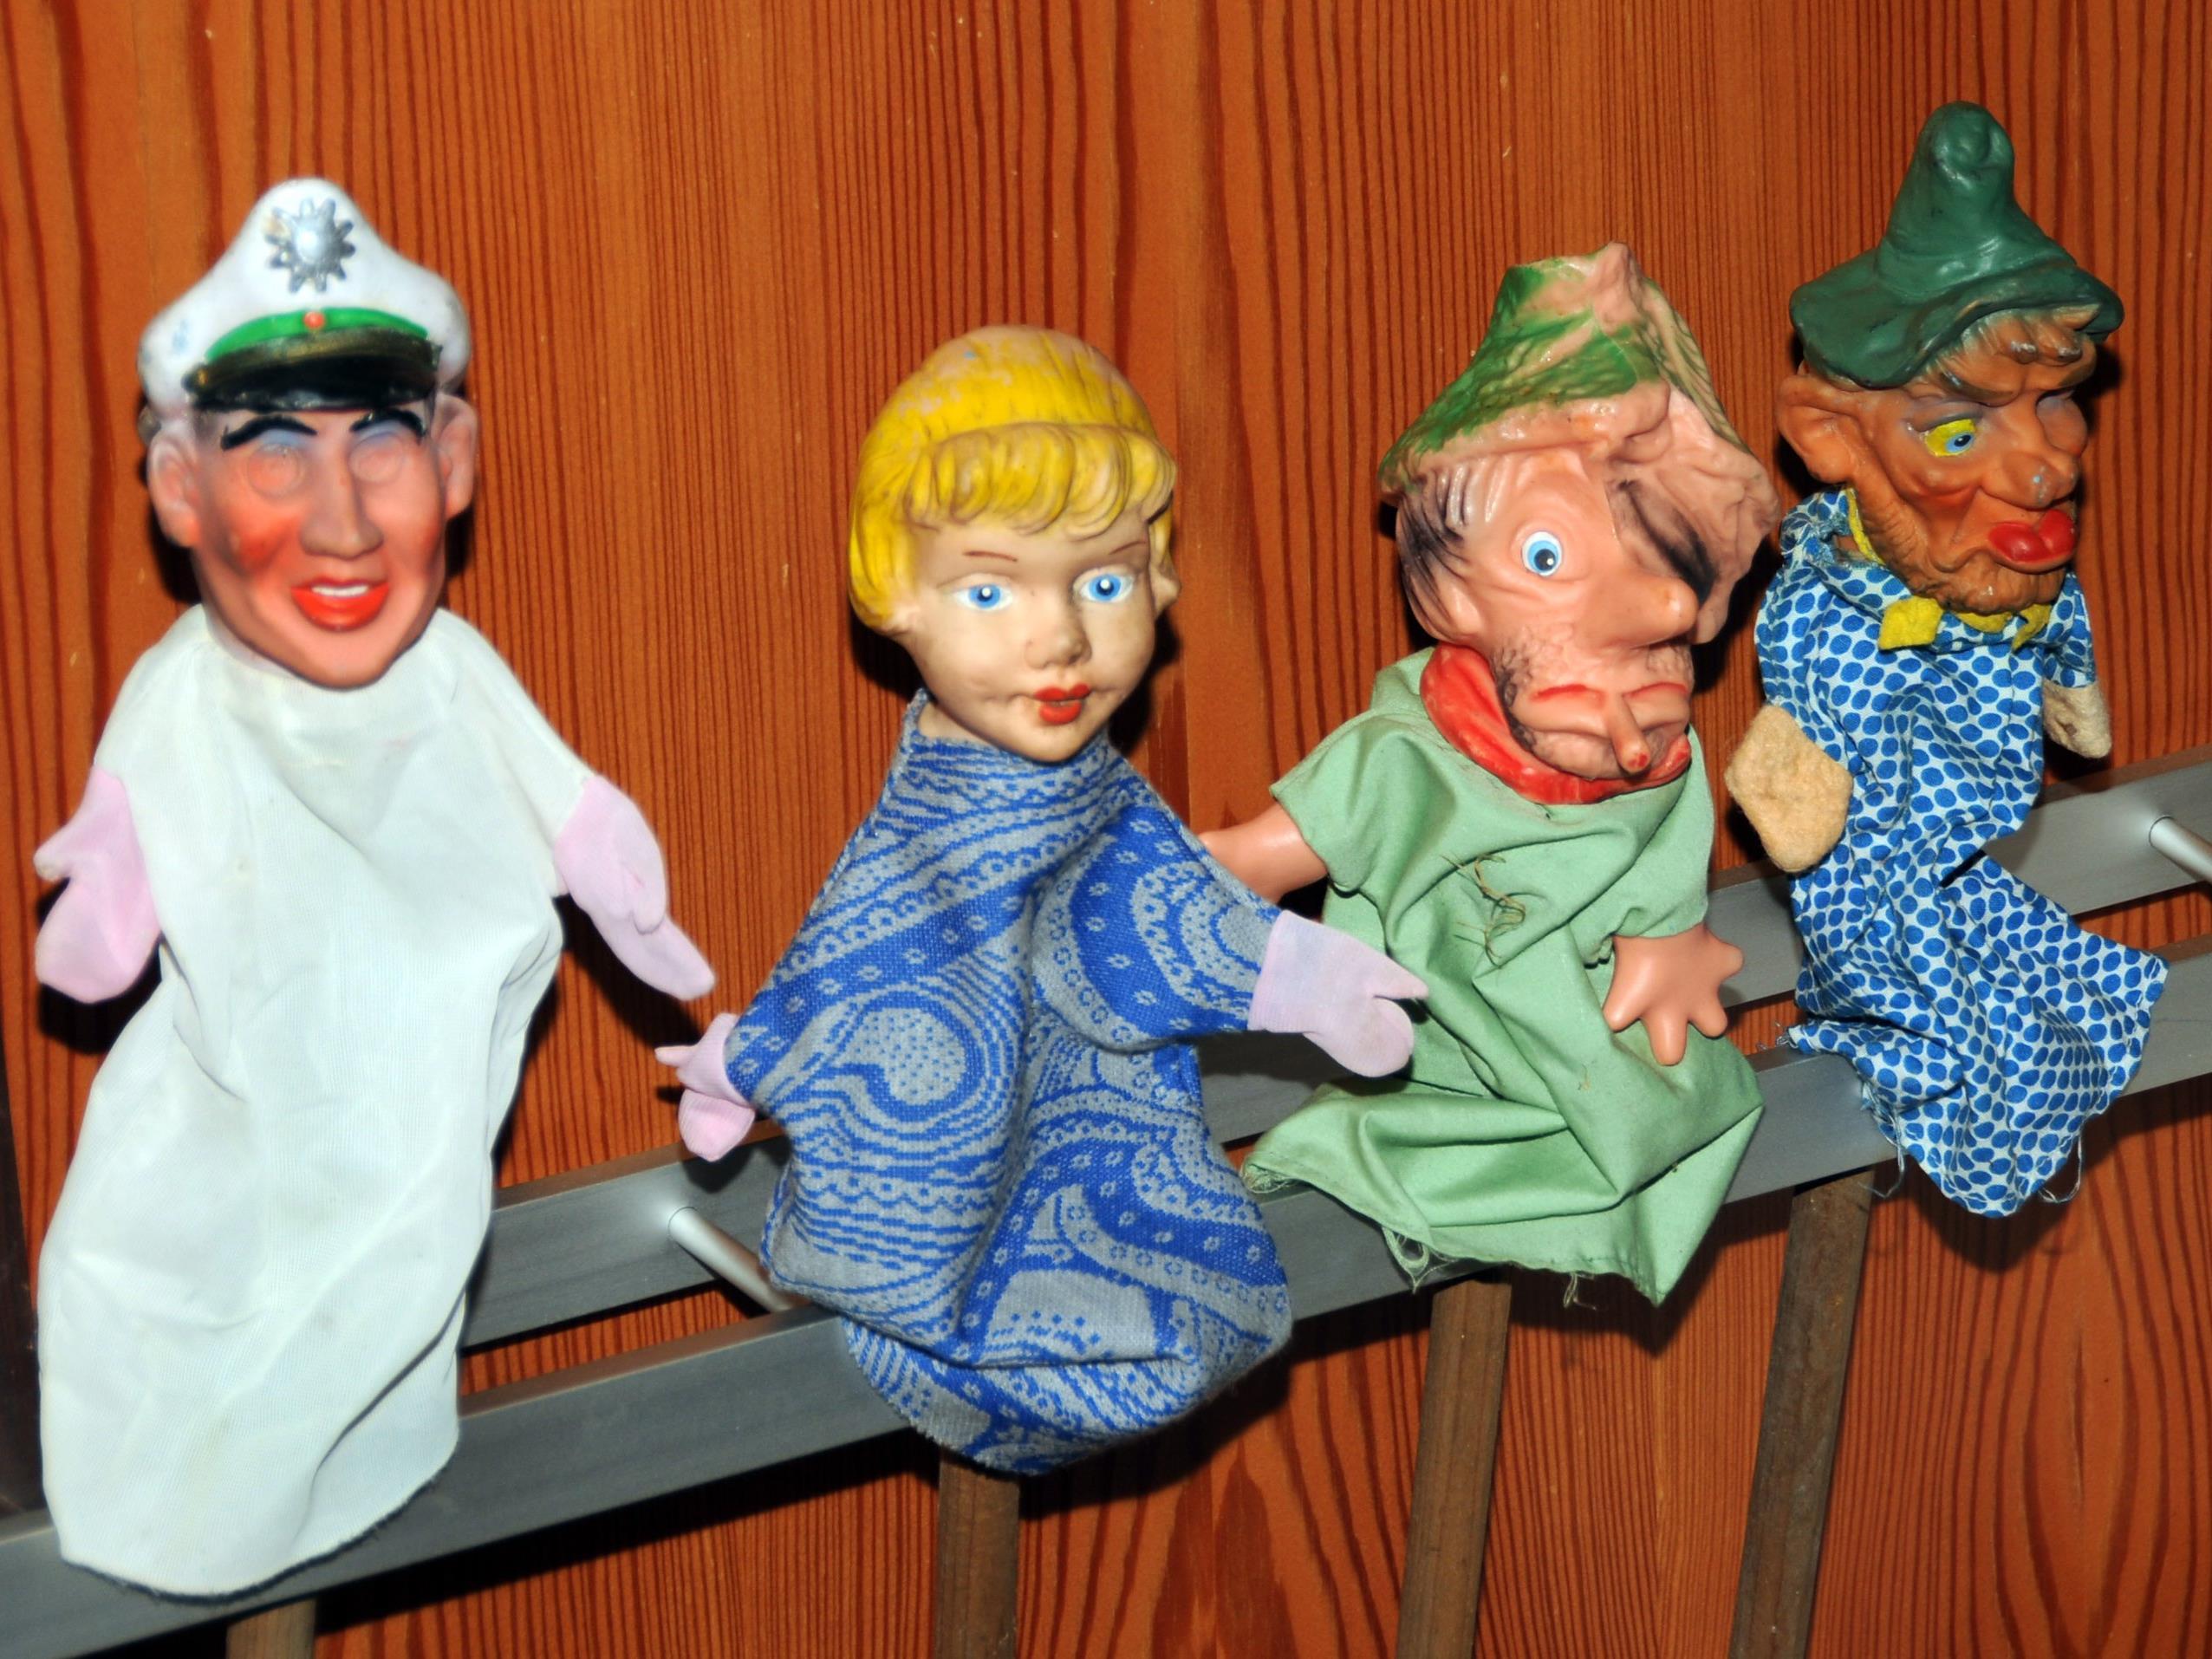 Kasperfiguren bei der Sammler- und Tauschbörse in Höchst